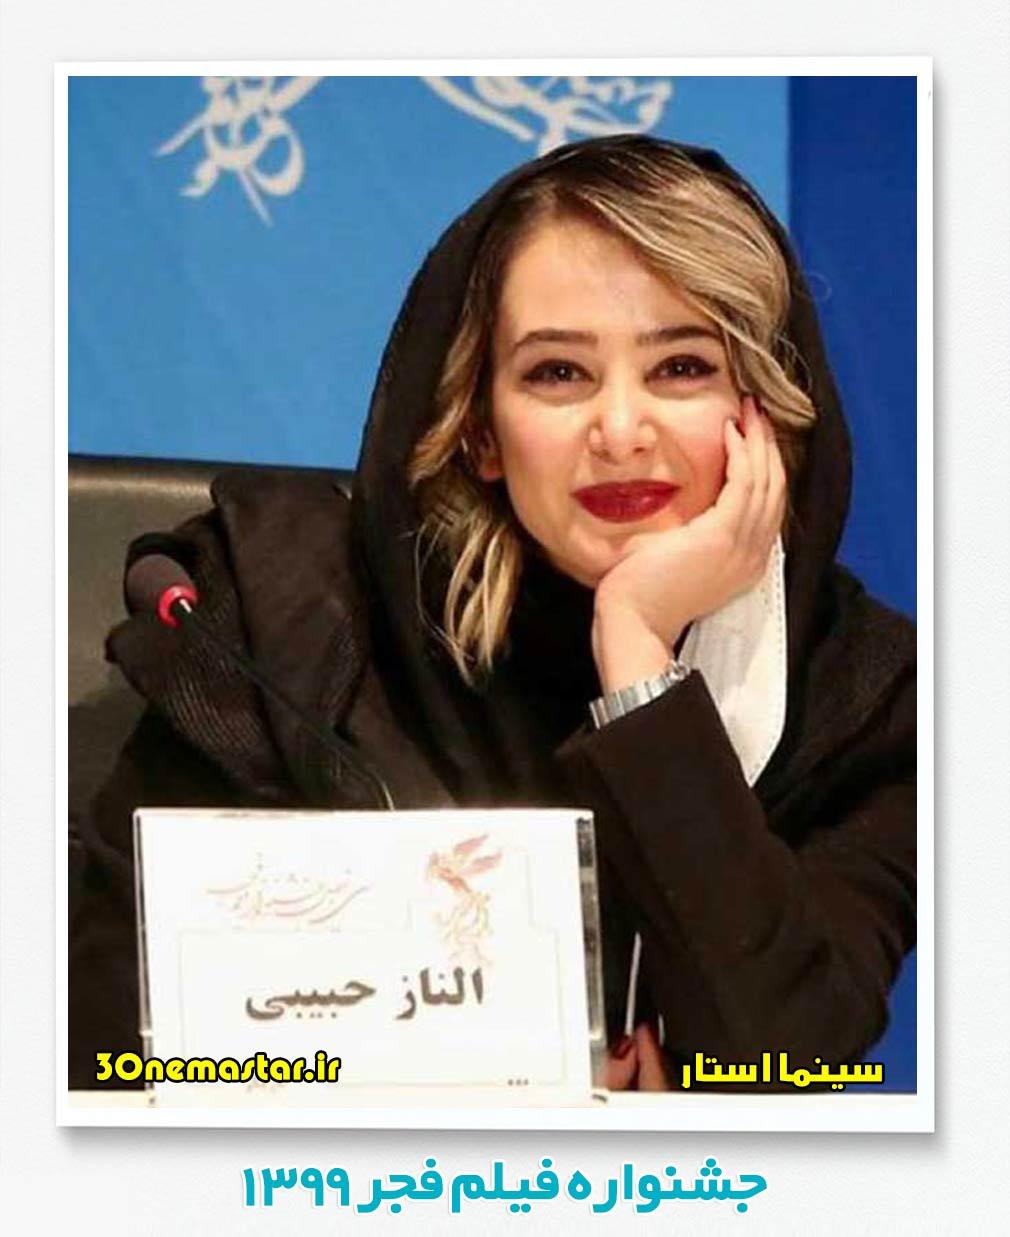 لبخند زیبای الناز حبیبی در حاشیه جشنواره فیلم فجر سال 99